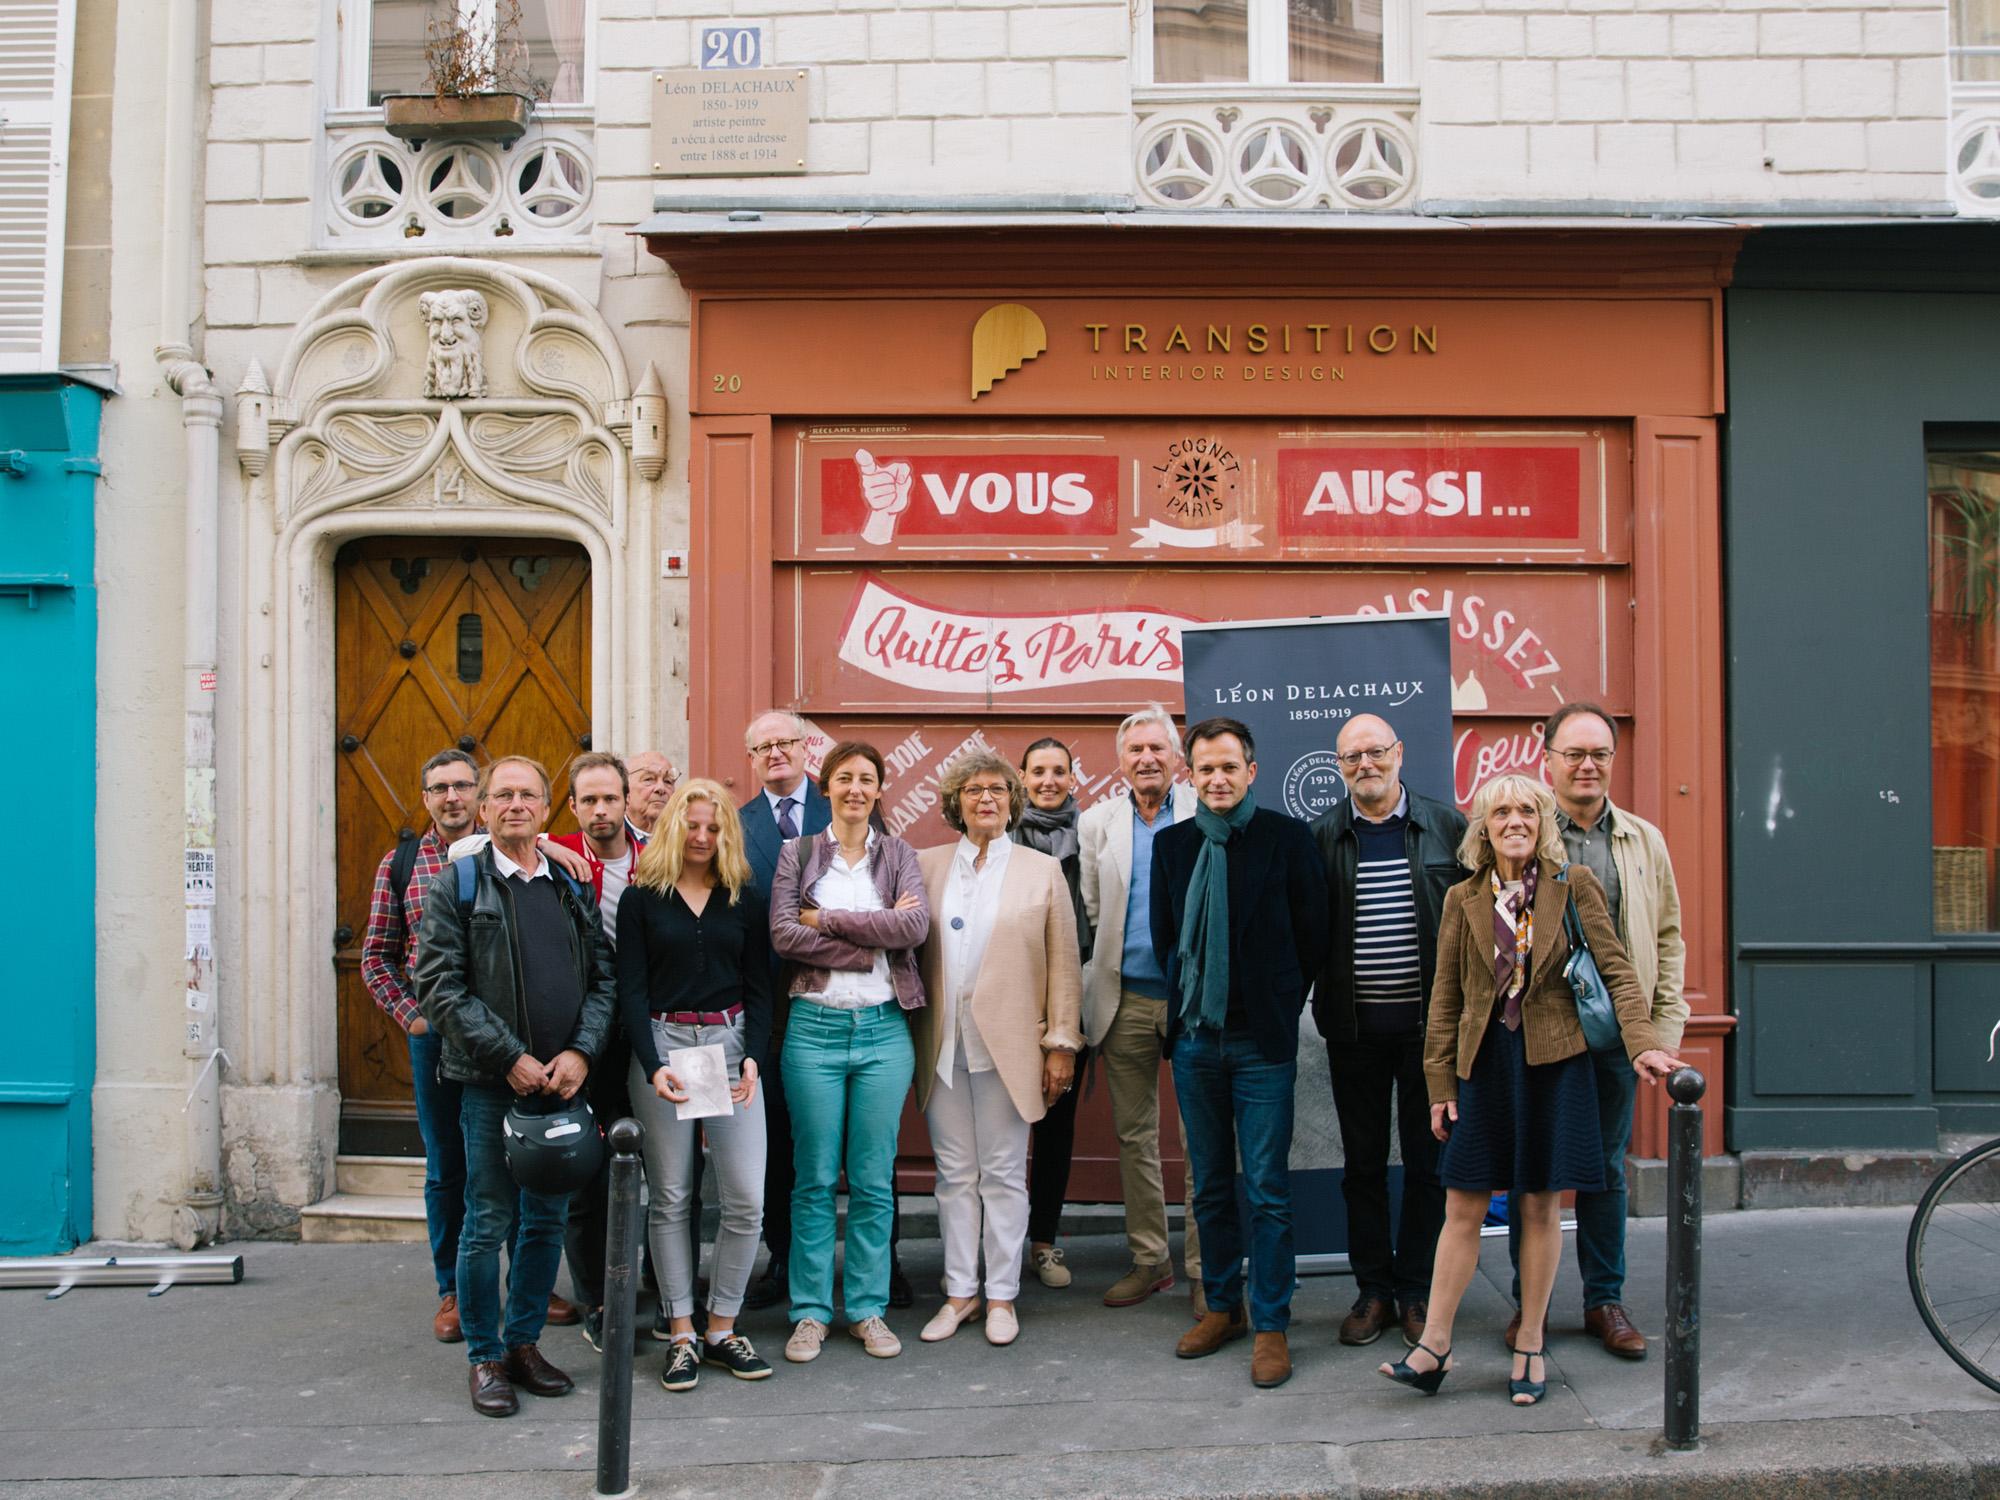 La famille Delachaux et les élus du XVIIIe arrondissement de Paris